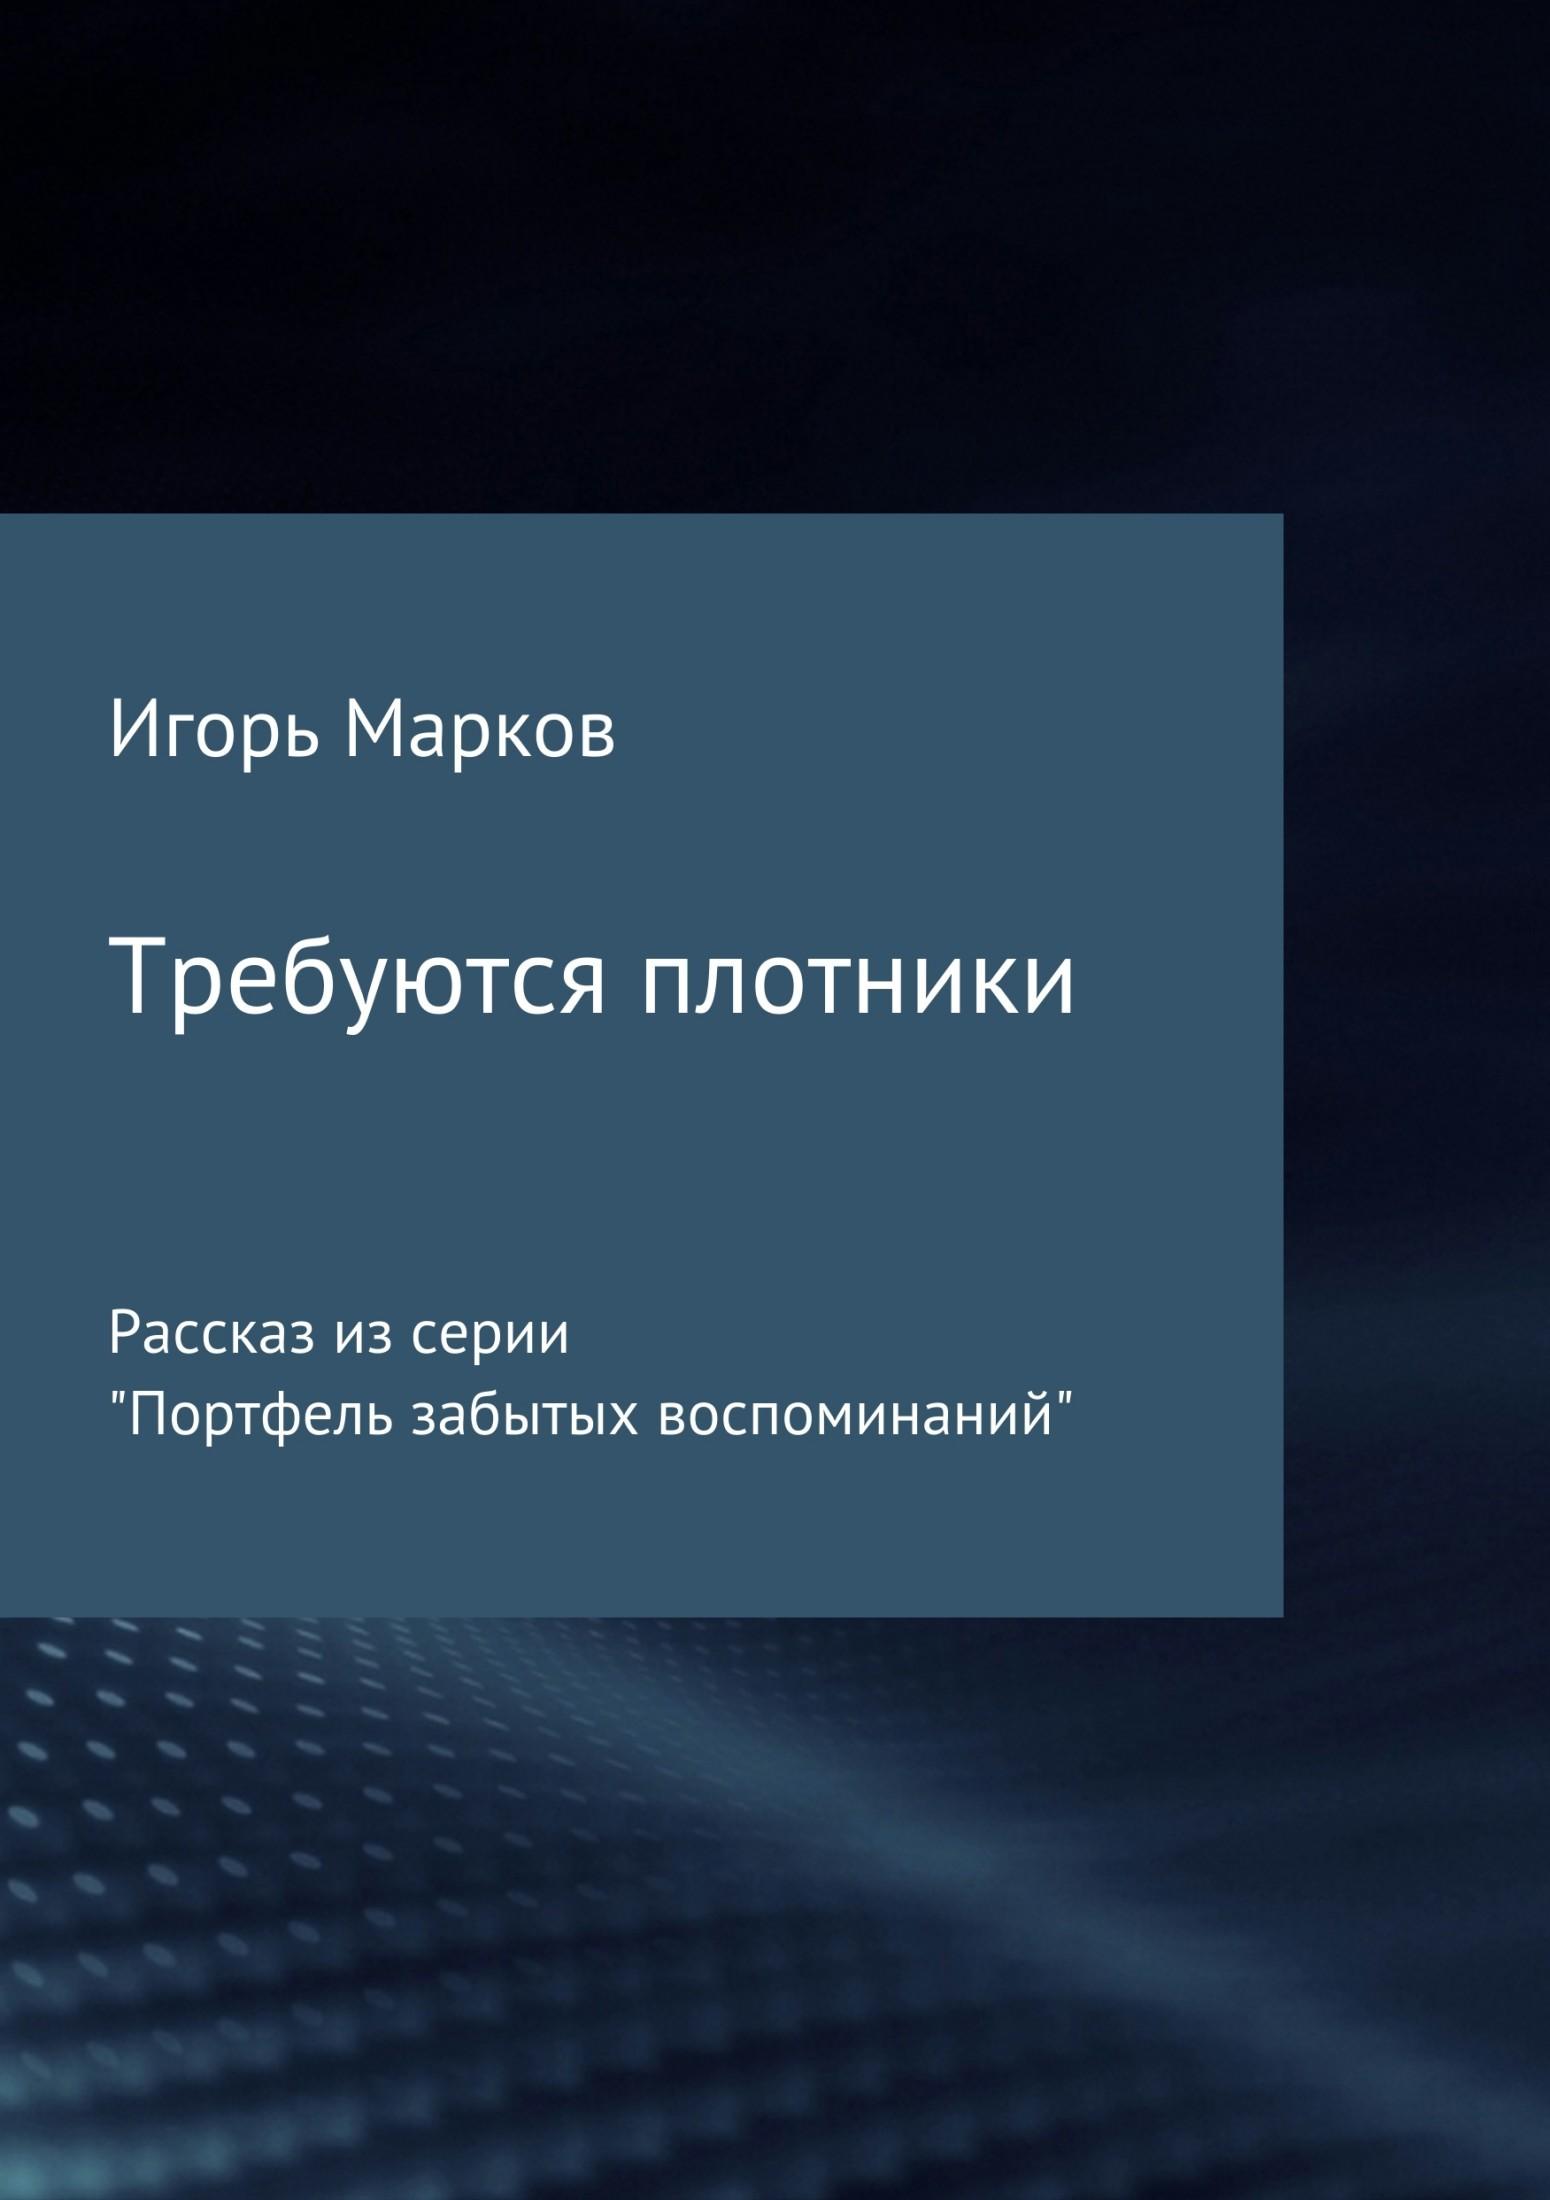 Игорь Владимирович Марков Требуются плотники игорь владимирович марков дурья башка